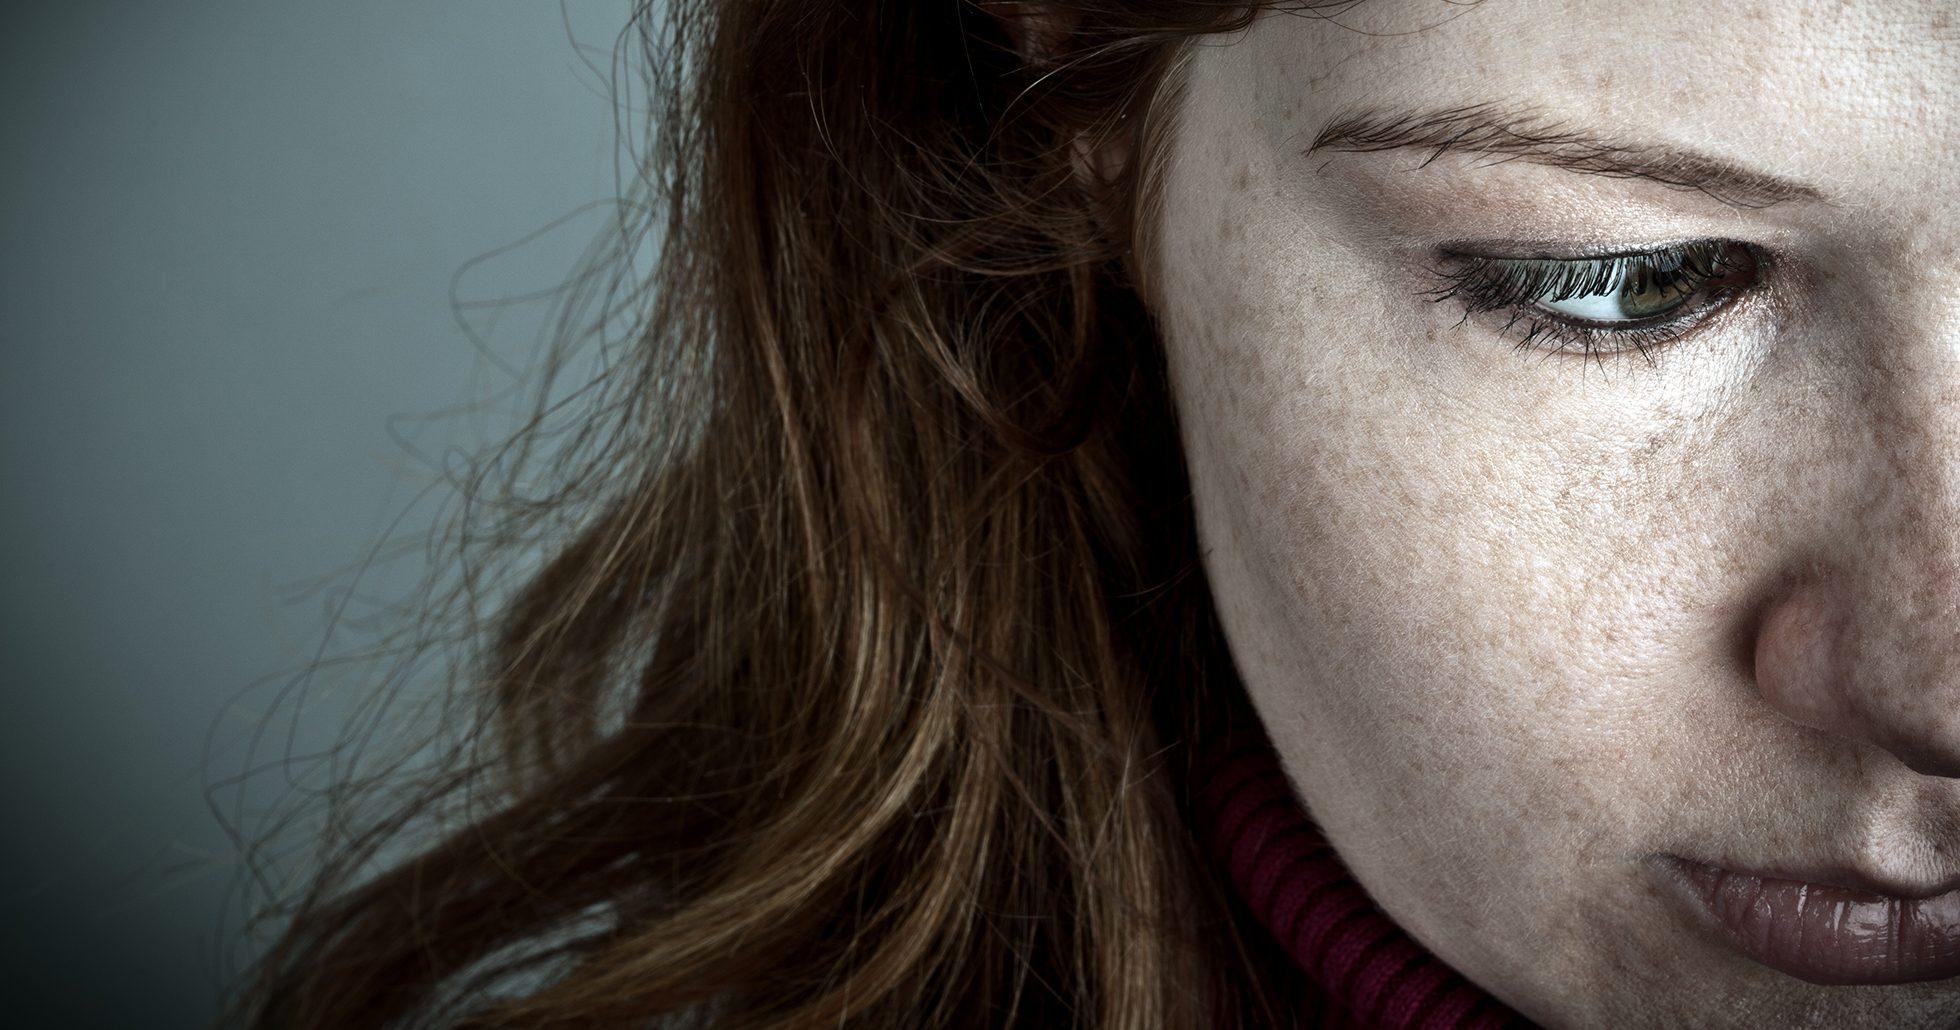 Hur blir man av med sin oro? Psykologen tipsar